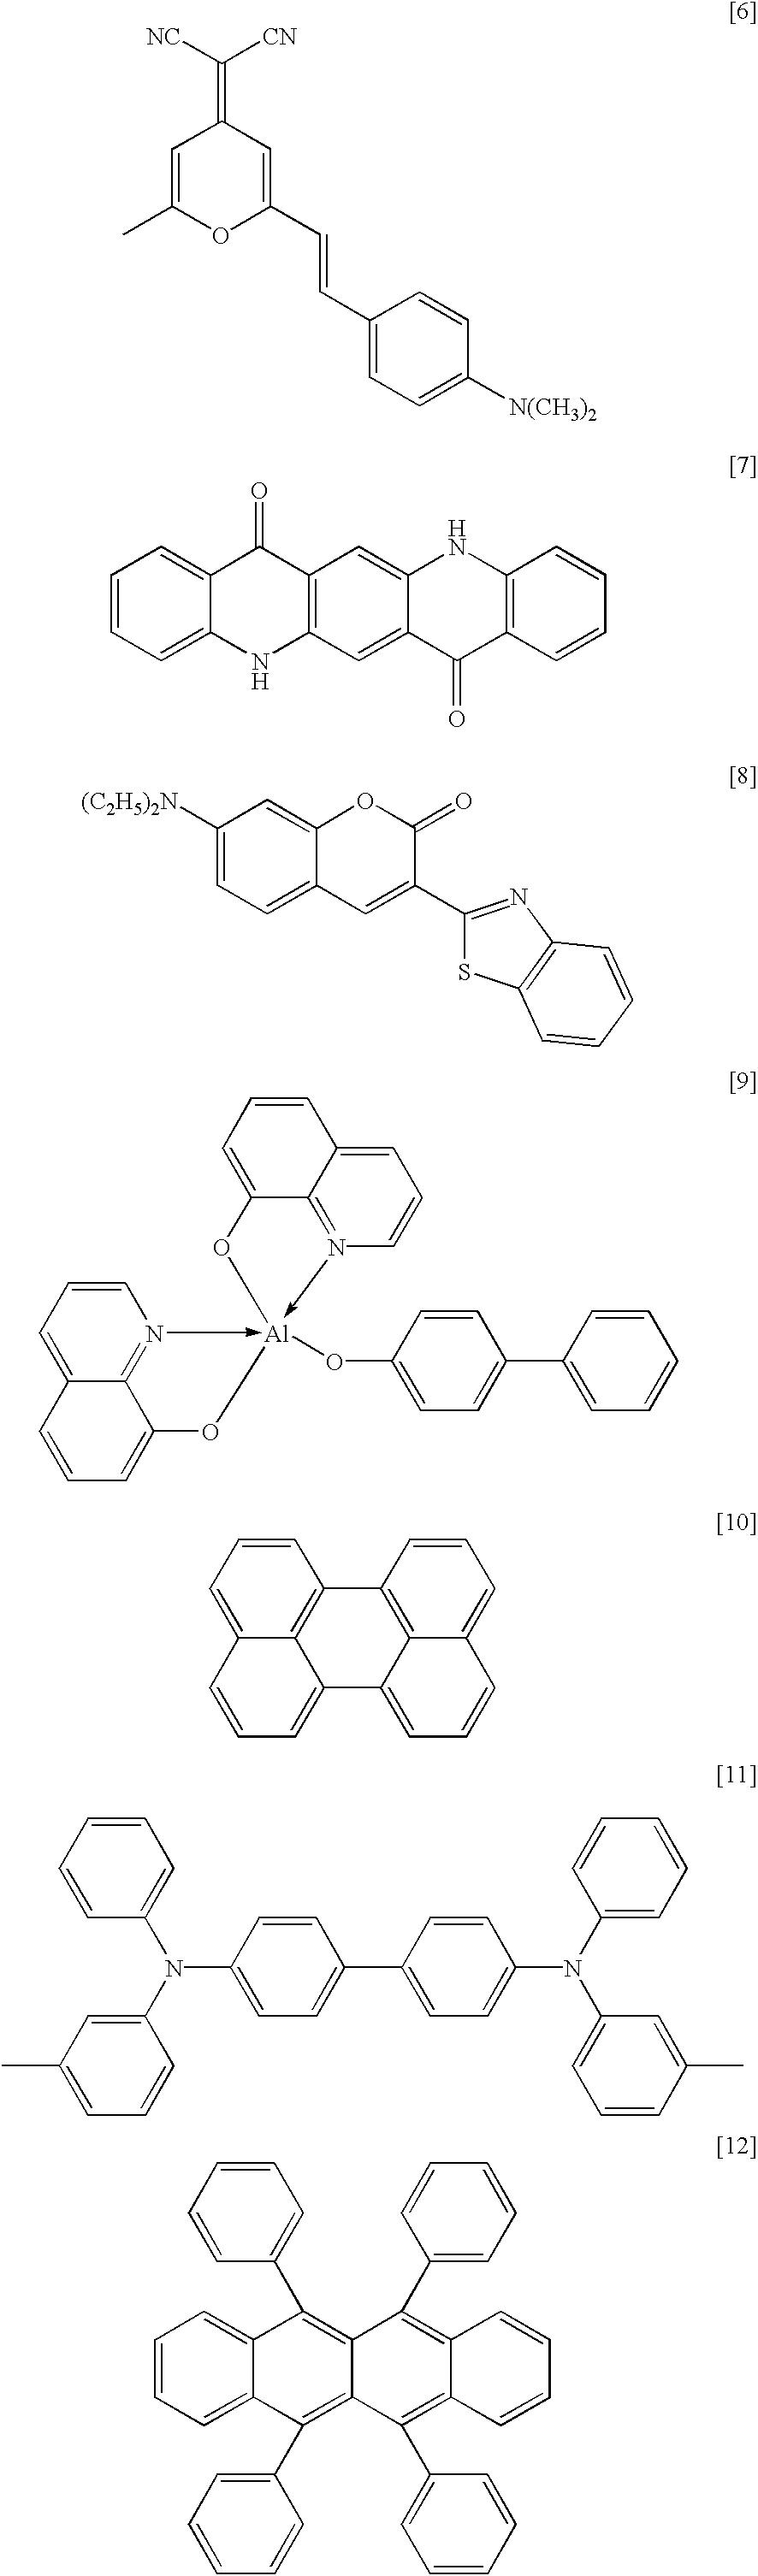 Figure US06900457-20050531-C00002